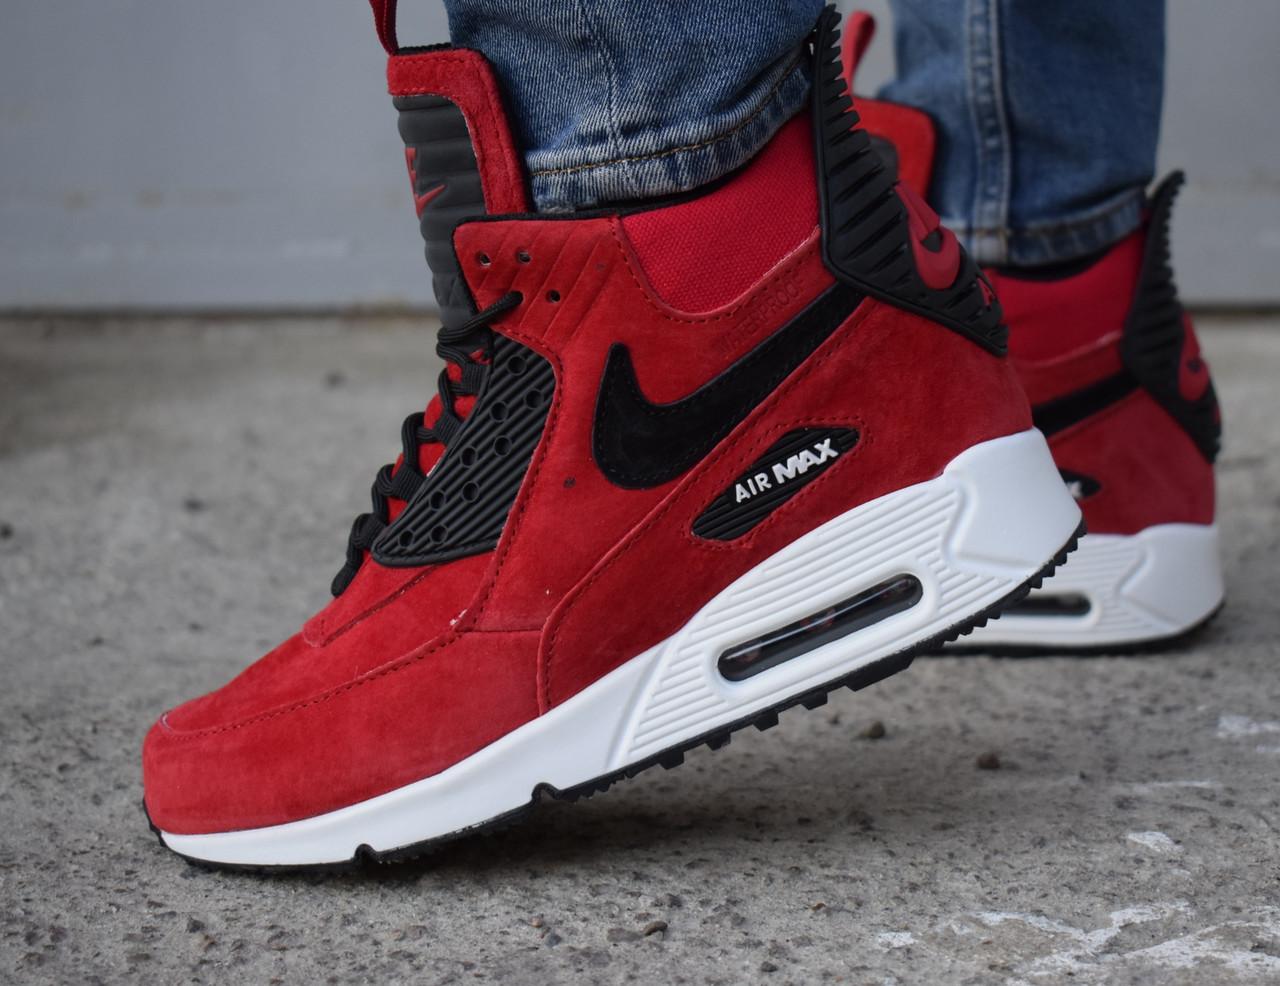 1d711e949ca169 Кроссовки мужские зимние Nike Air Max 90 Sneakerboot красные купить ...